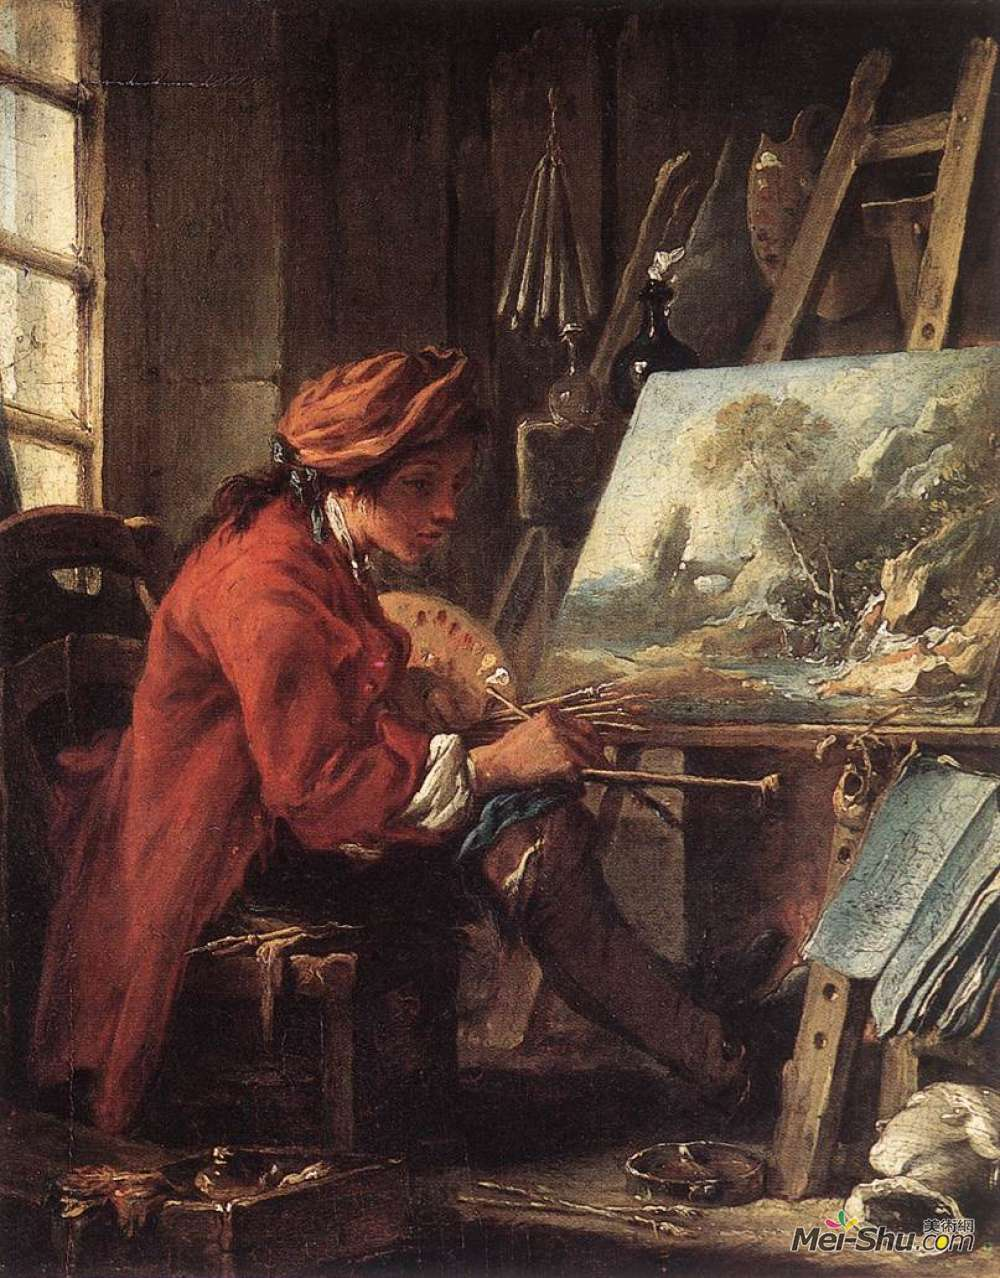 弗朗索瓦·布歇(Francois Boucher)高清作品《画室画家》